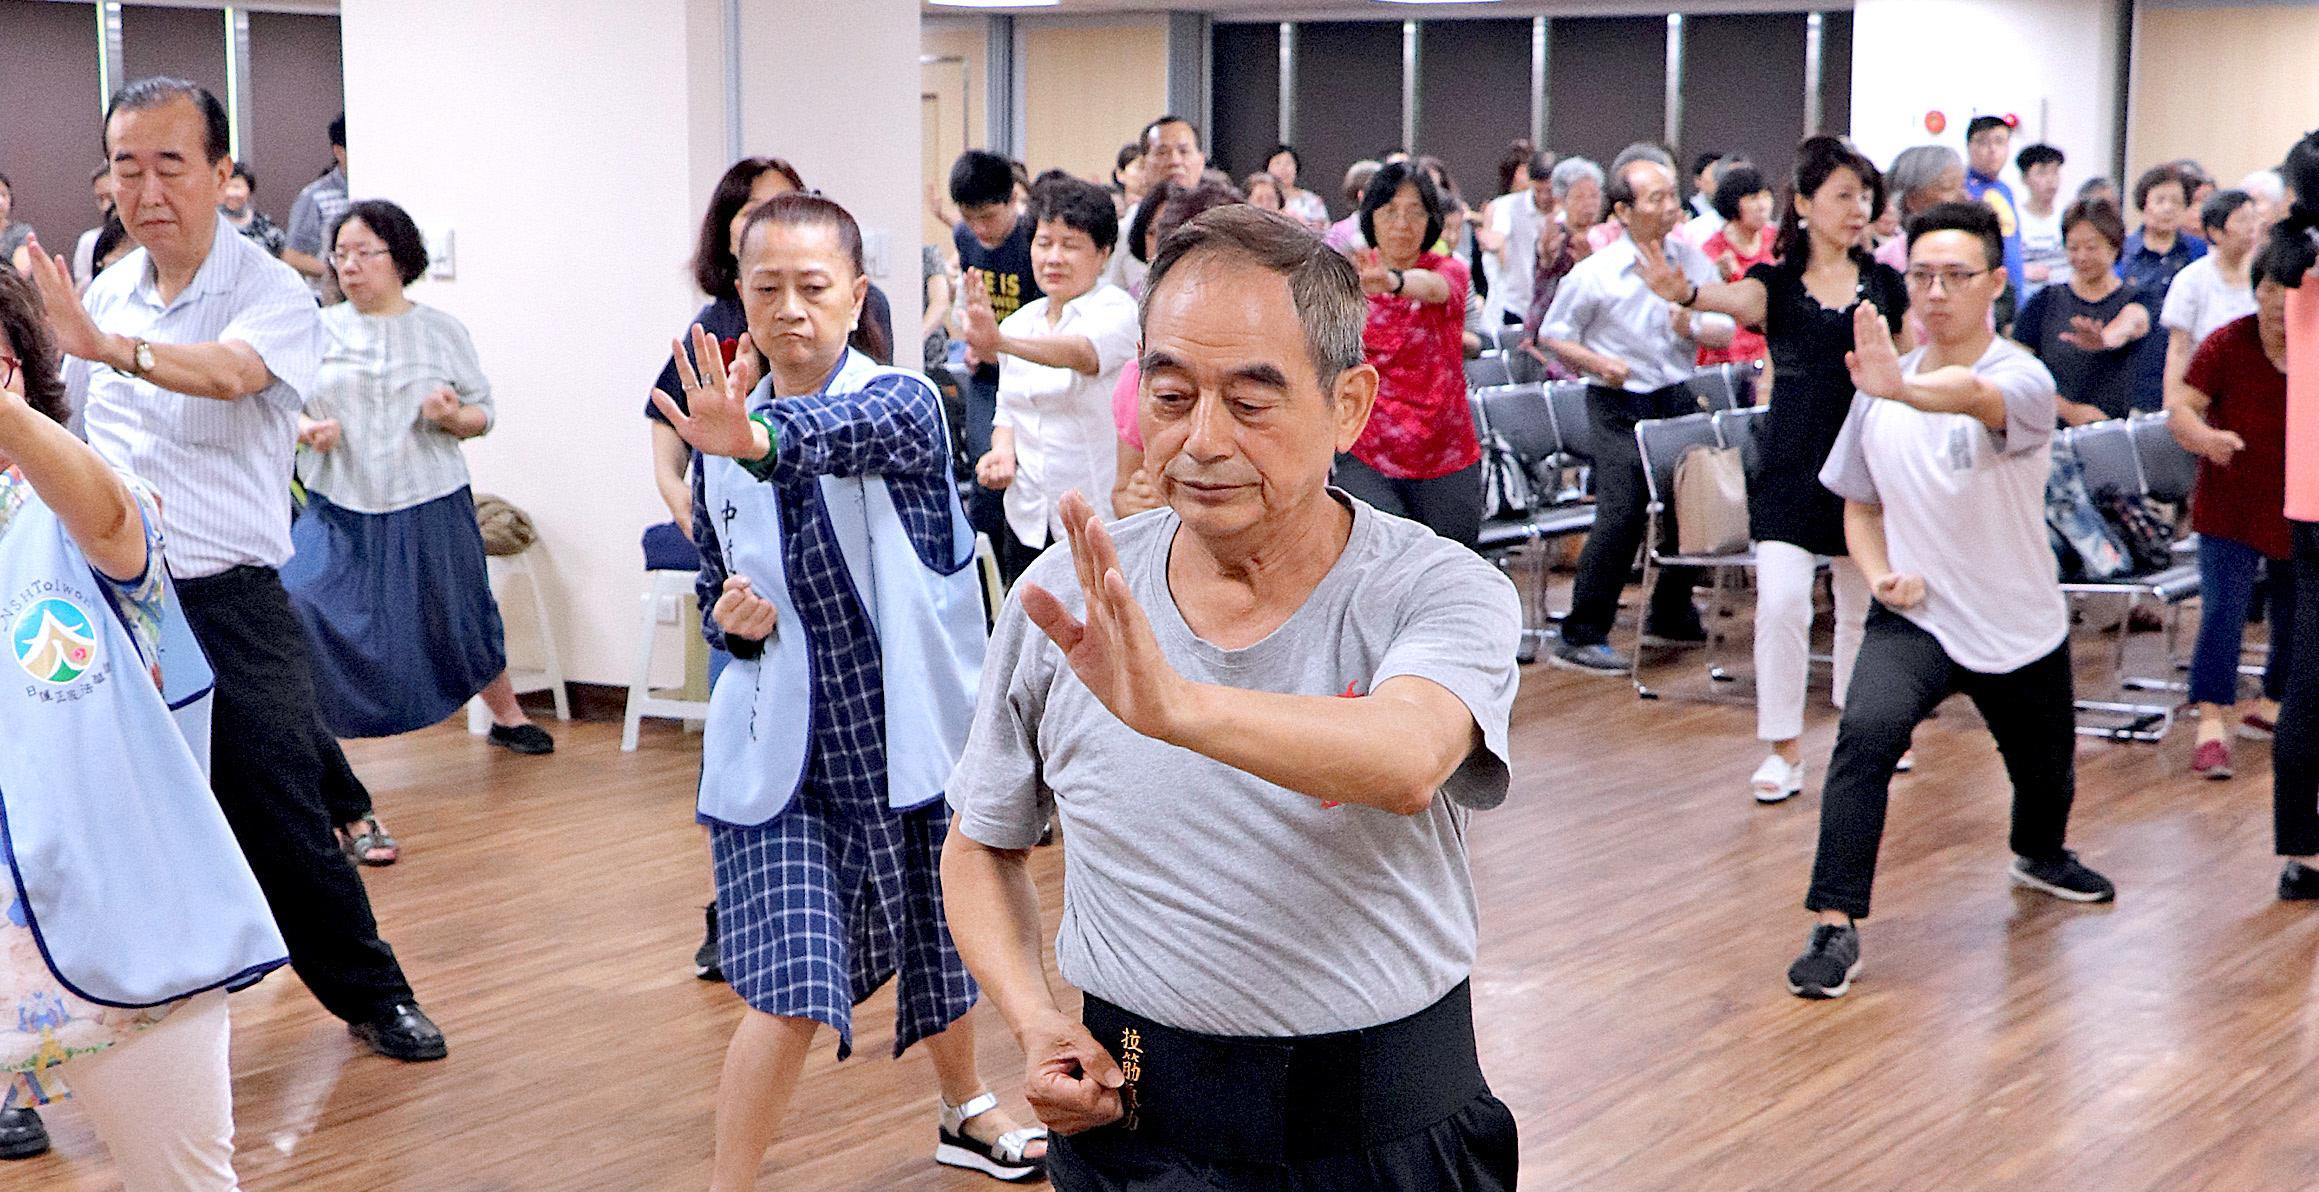 羅老師親自示範拉筋八式,與會者一同練習